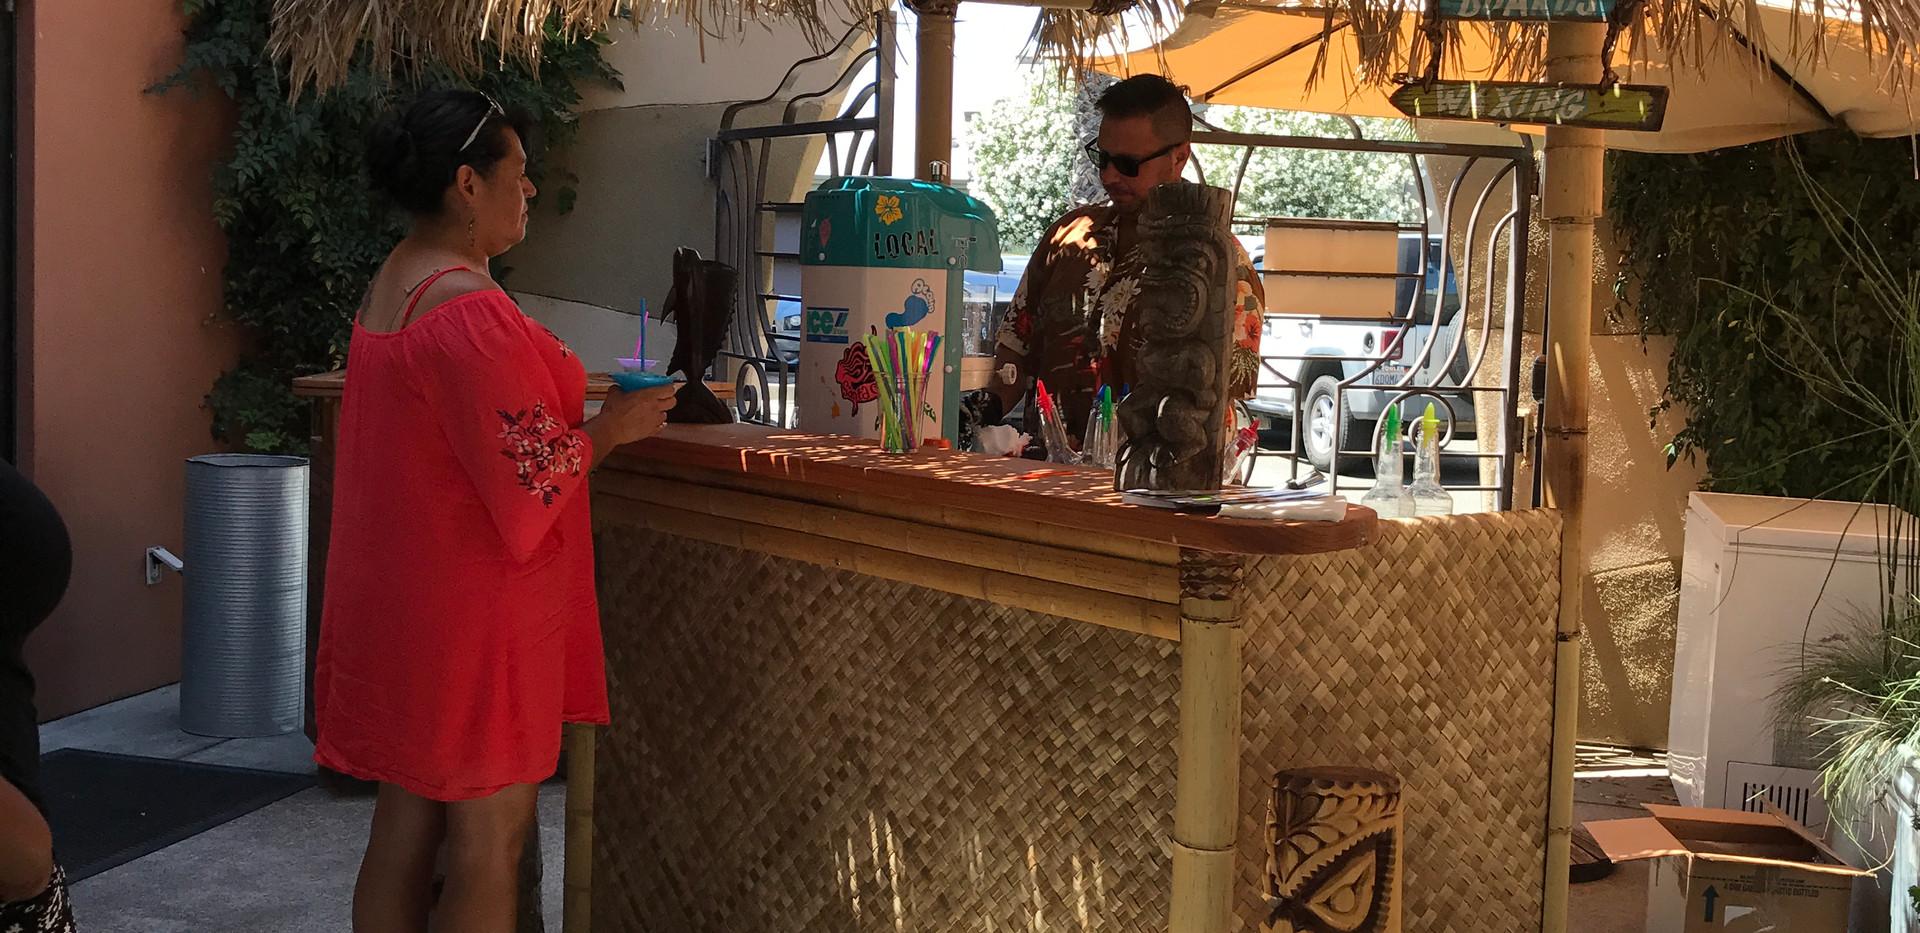 Tiki cart rental shaved ice